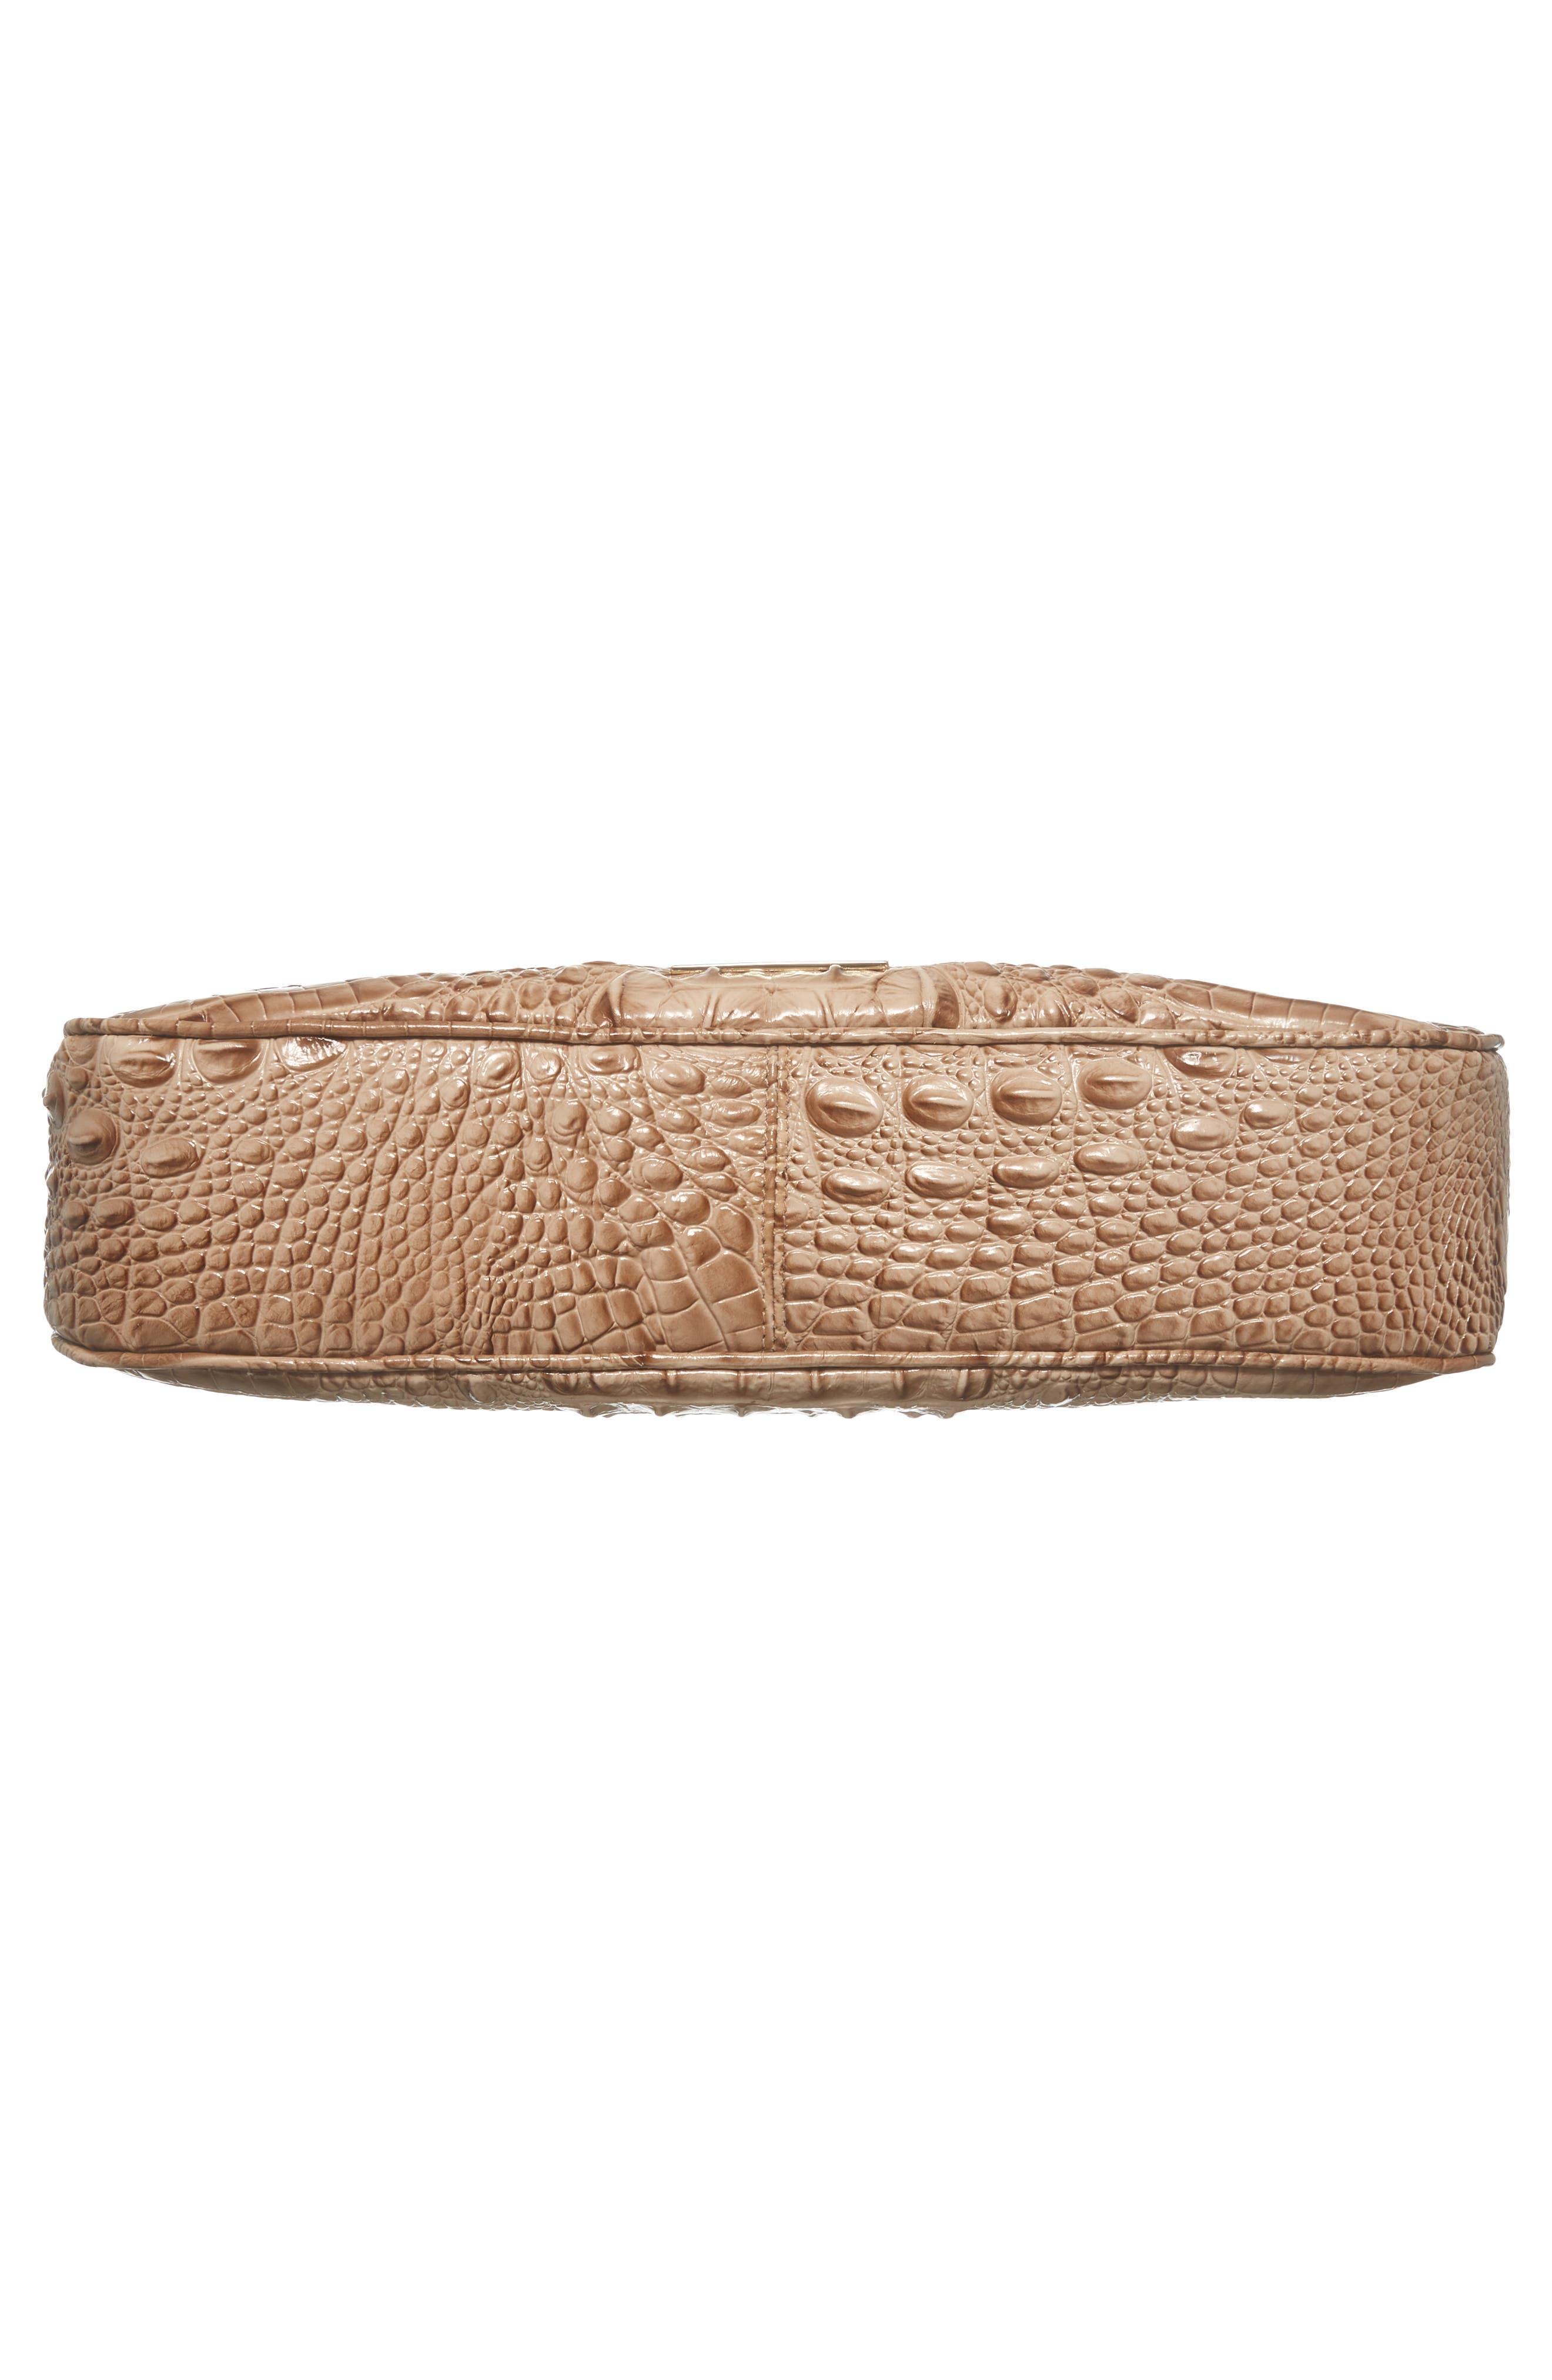 Nadia Croc Embossed Leather Shoulder Bag,                             Alternate thumbnail 6, color,                             250